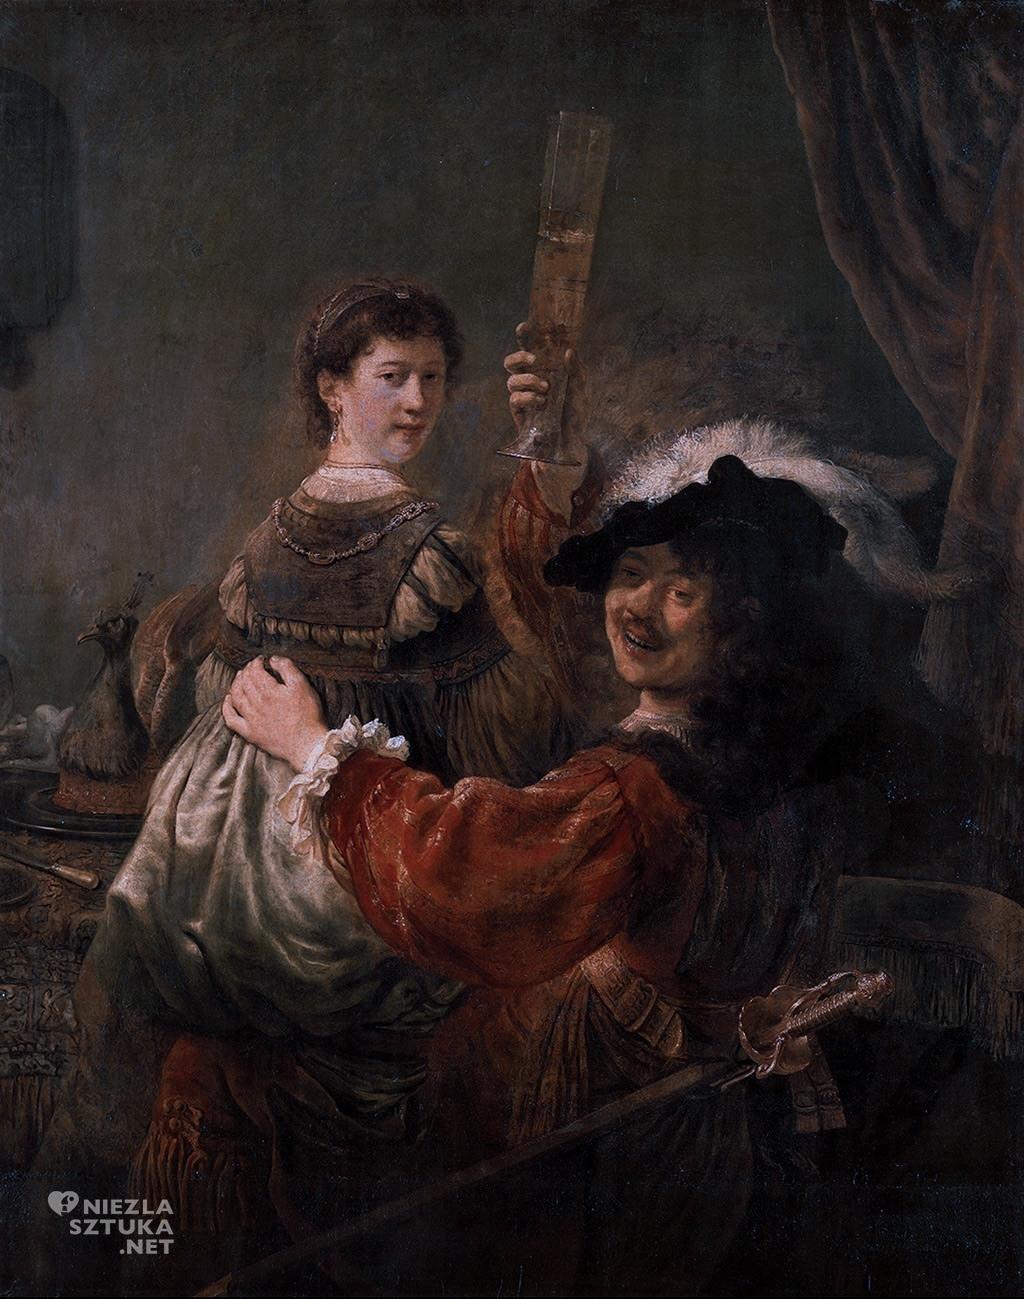 Autoportret z Saskią | ok. 1635, Galeria Obrazów Starych Mistrzów, Drezno, fot.: rembrandtfecit2.blogspot.com